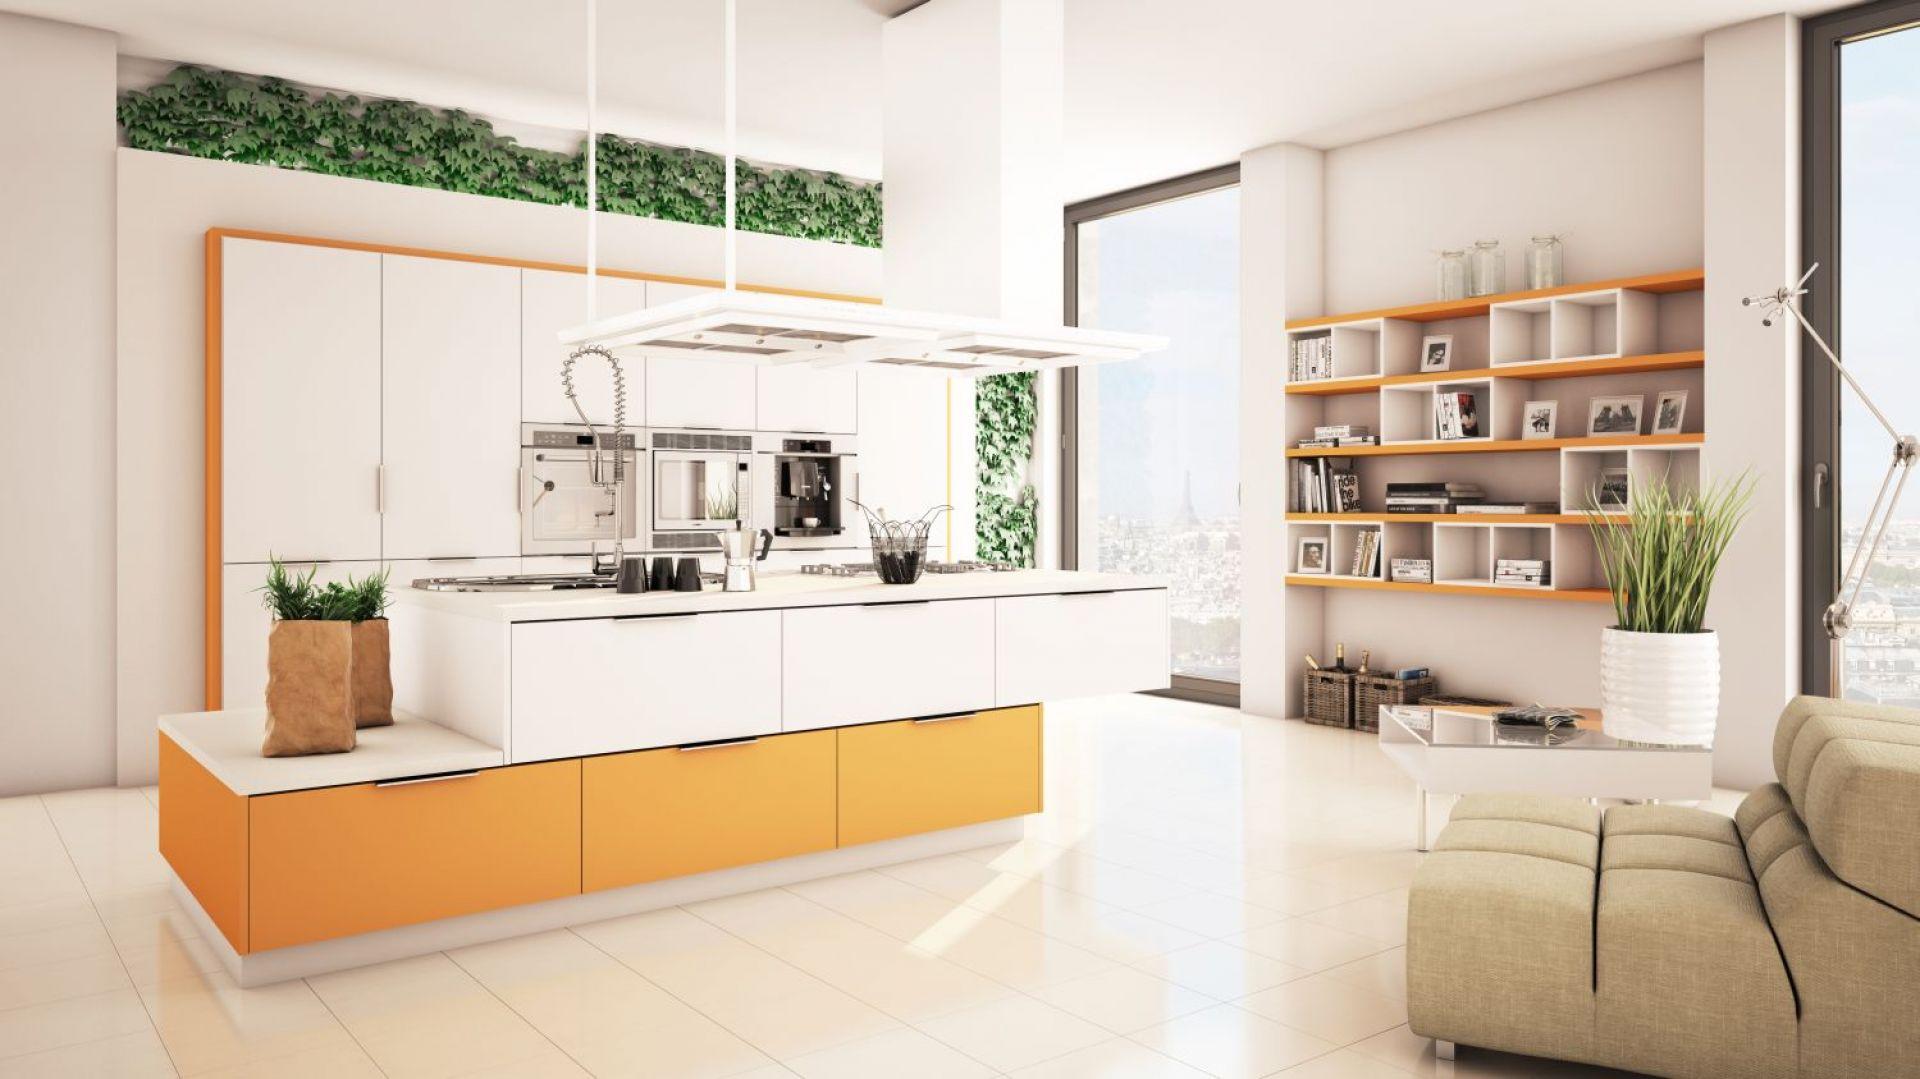 Żółty z białym tworzą radosne wnętrze pełne lekkości. Fot. Moelke